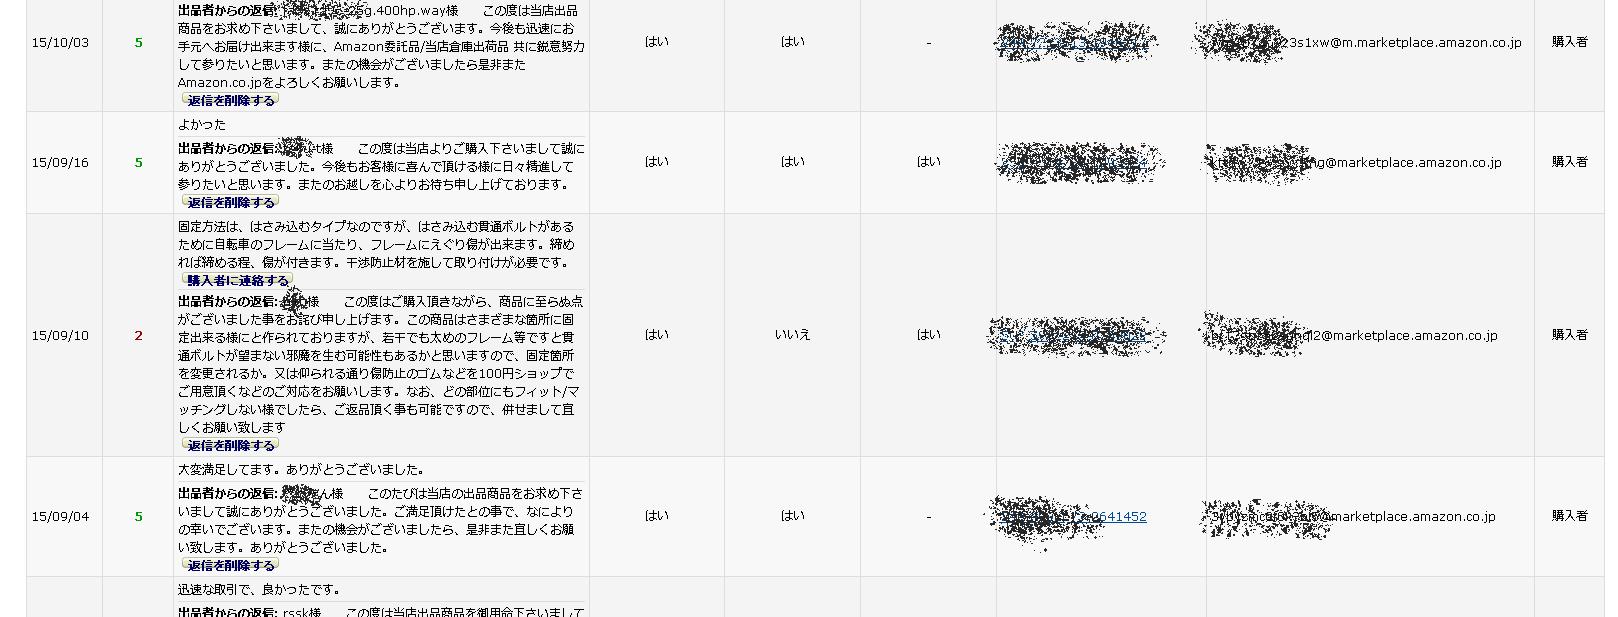 アマゾンセラセン 評価削除依頼2